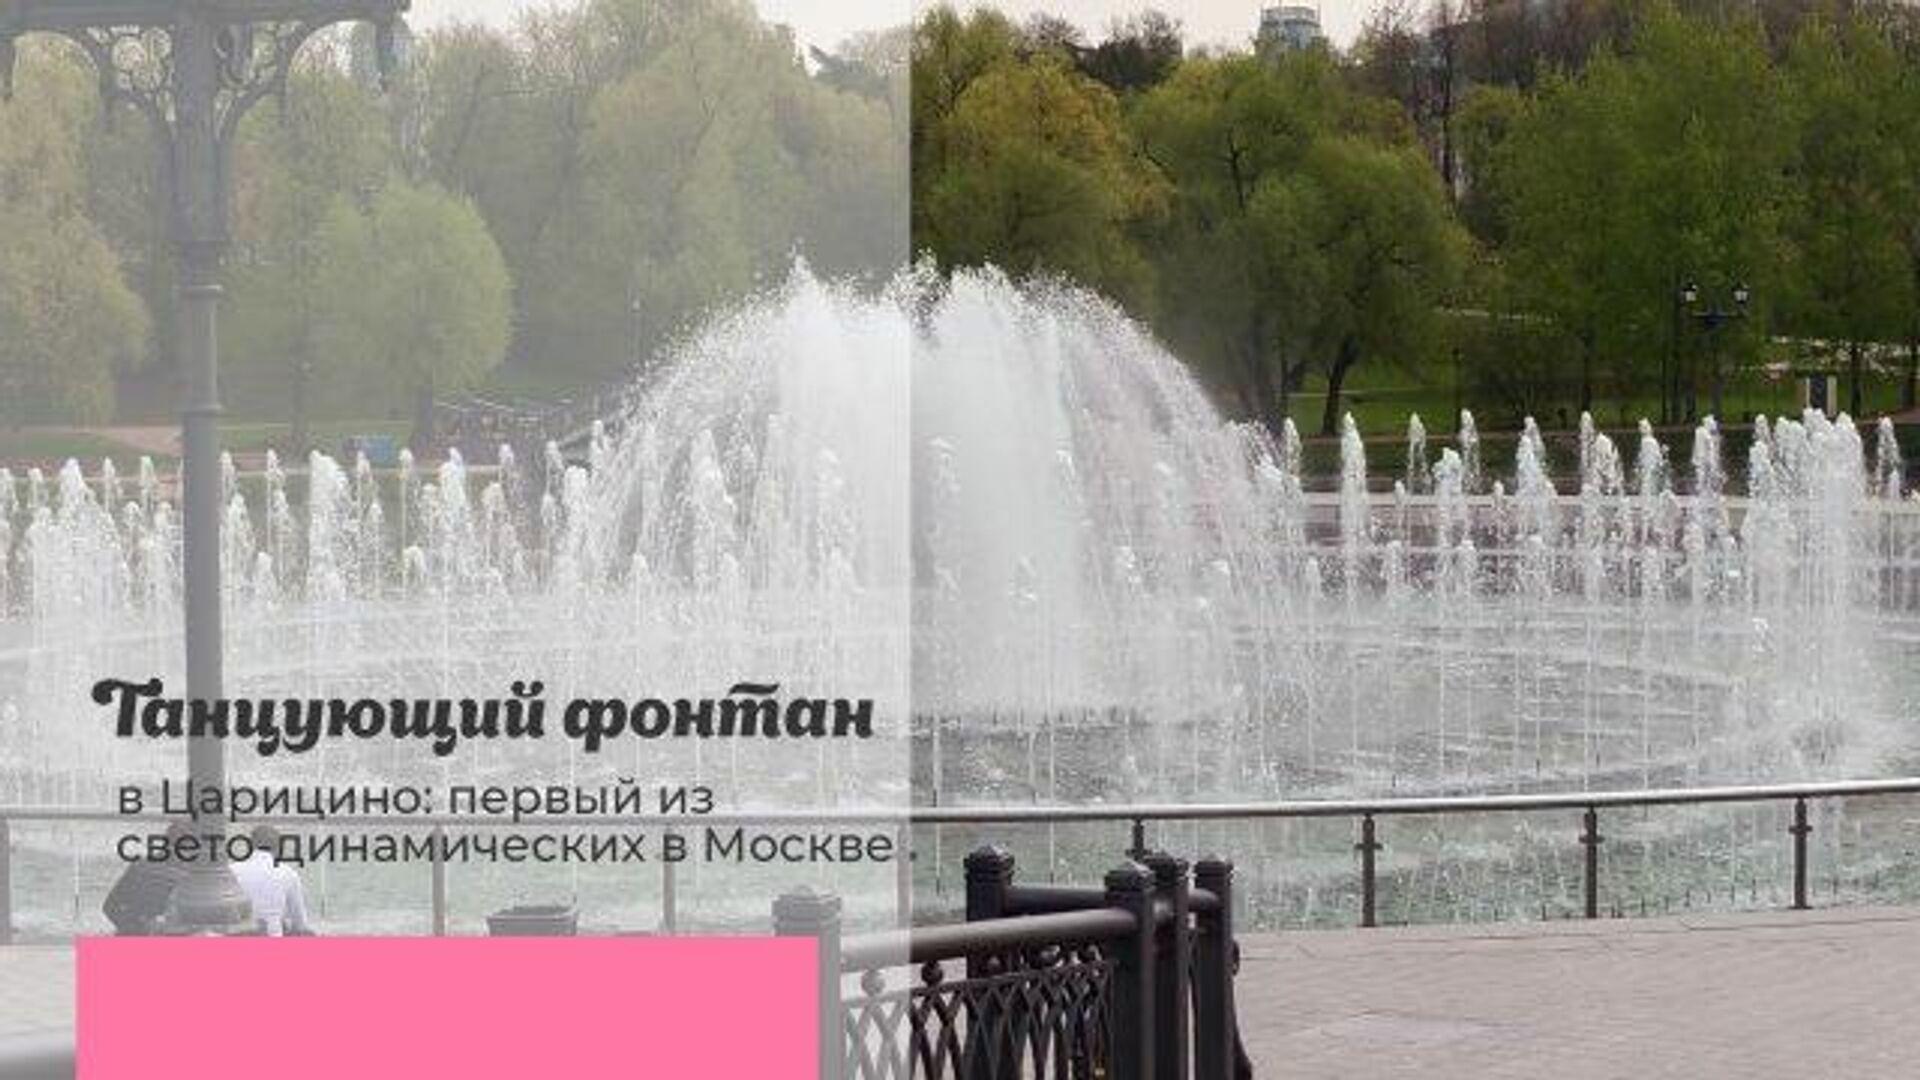 Танцующий фонтан в Царицыно: первый из свето-динамических в Москве - РИА Новости, 1920, 25.06.2021